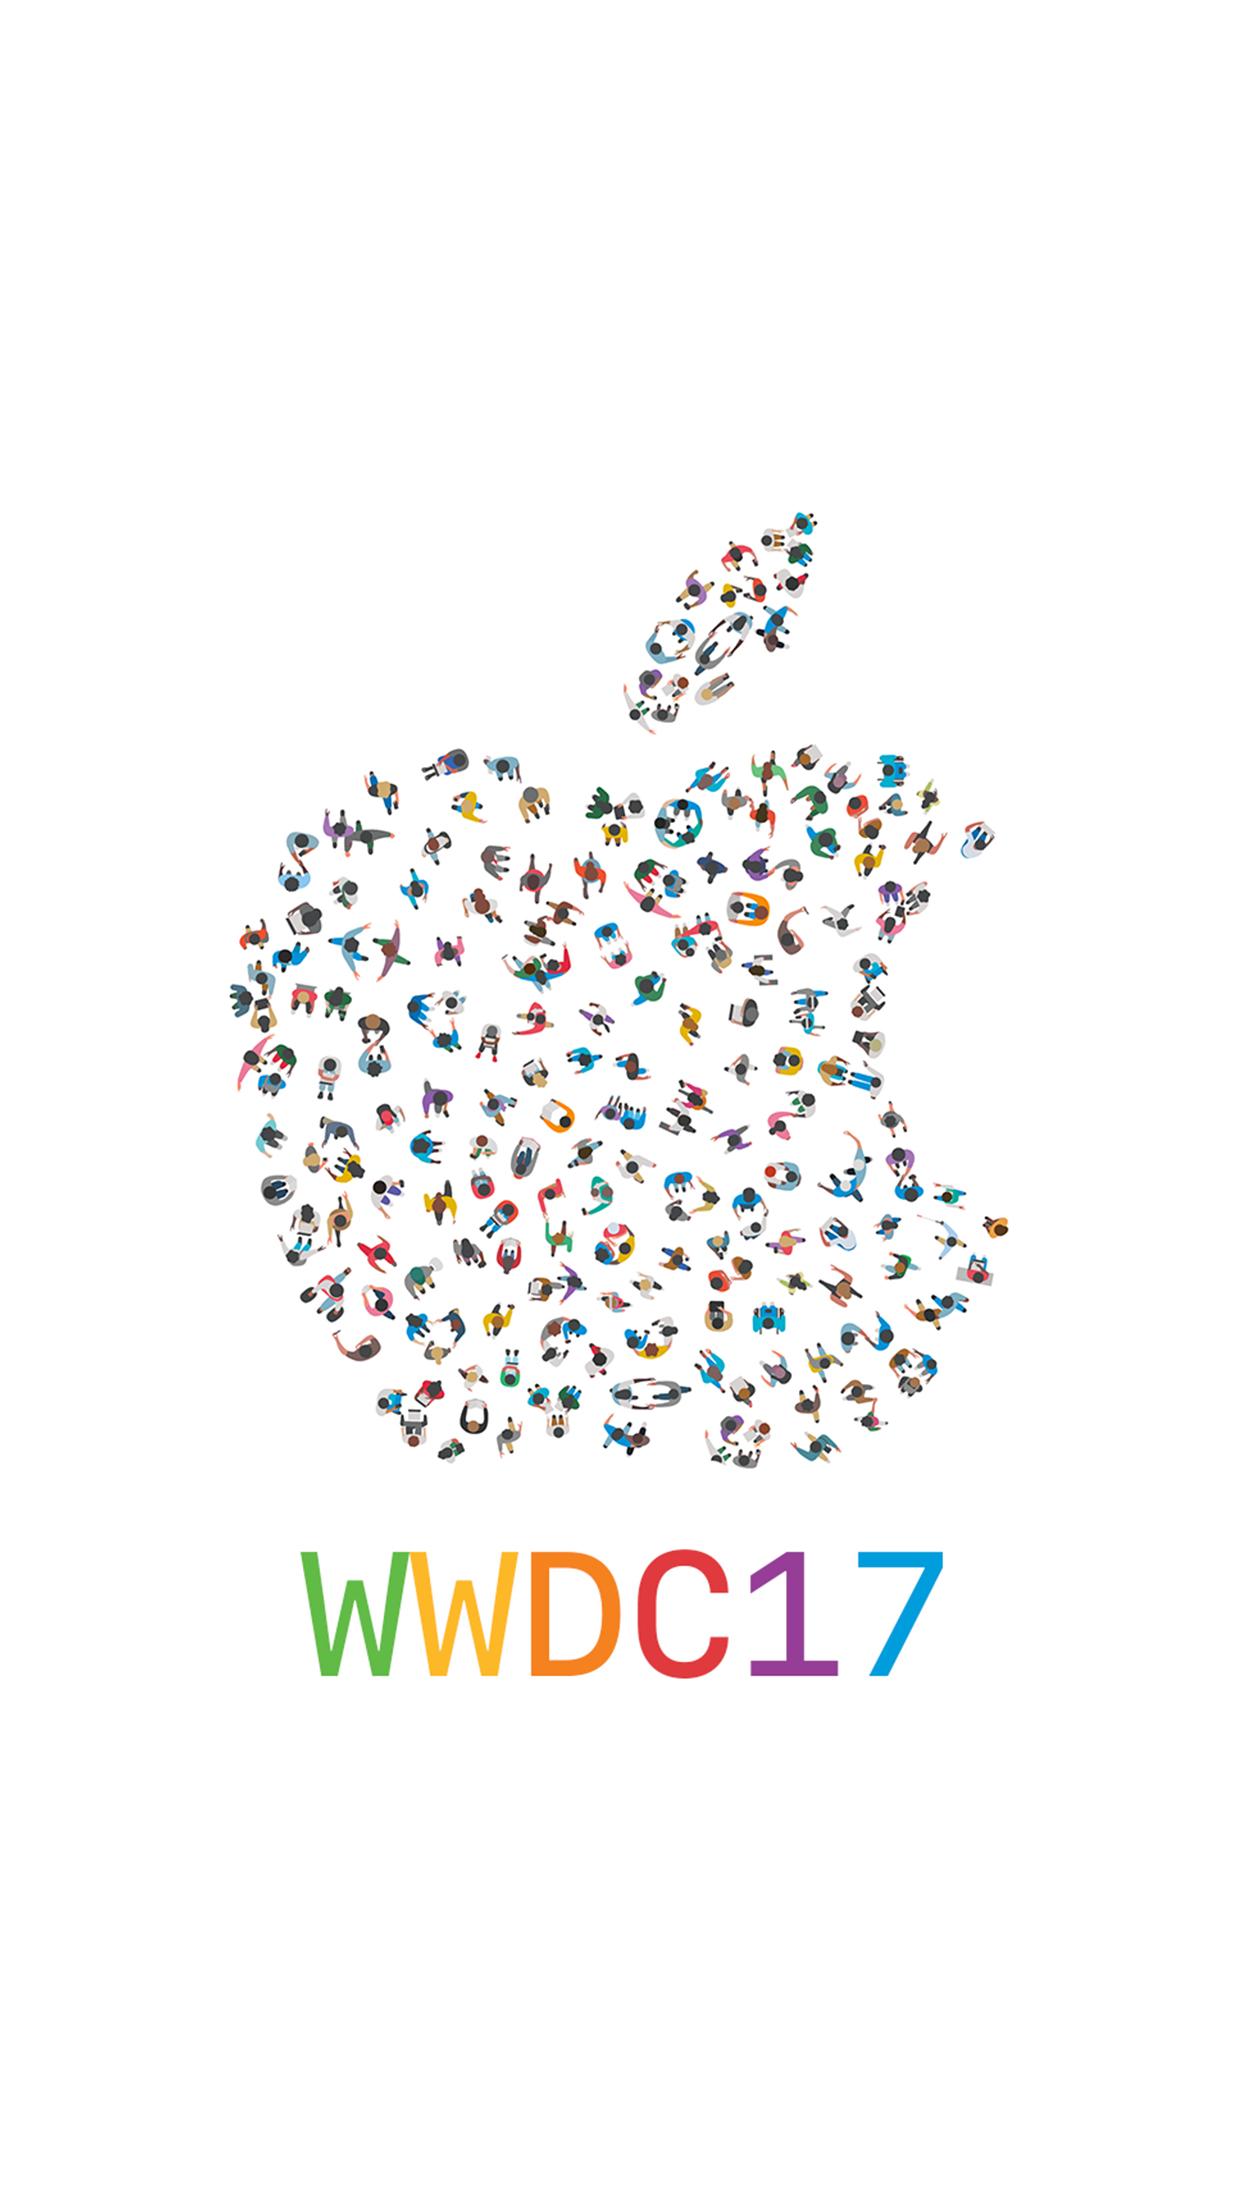 Специальная подборка обоев к WWDC 2017